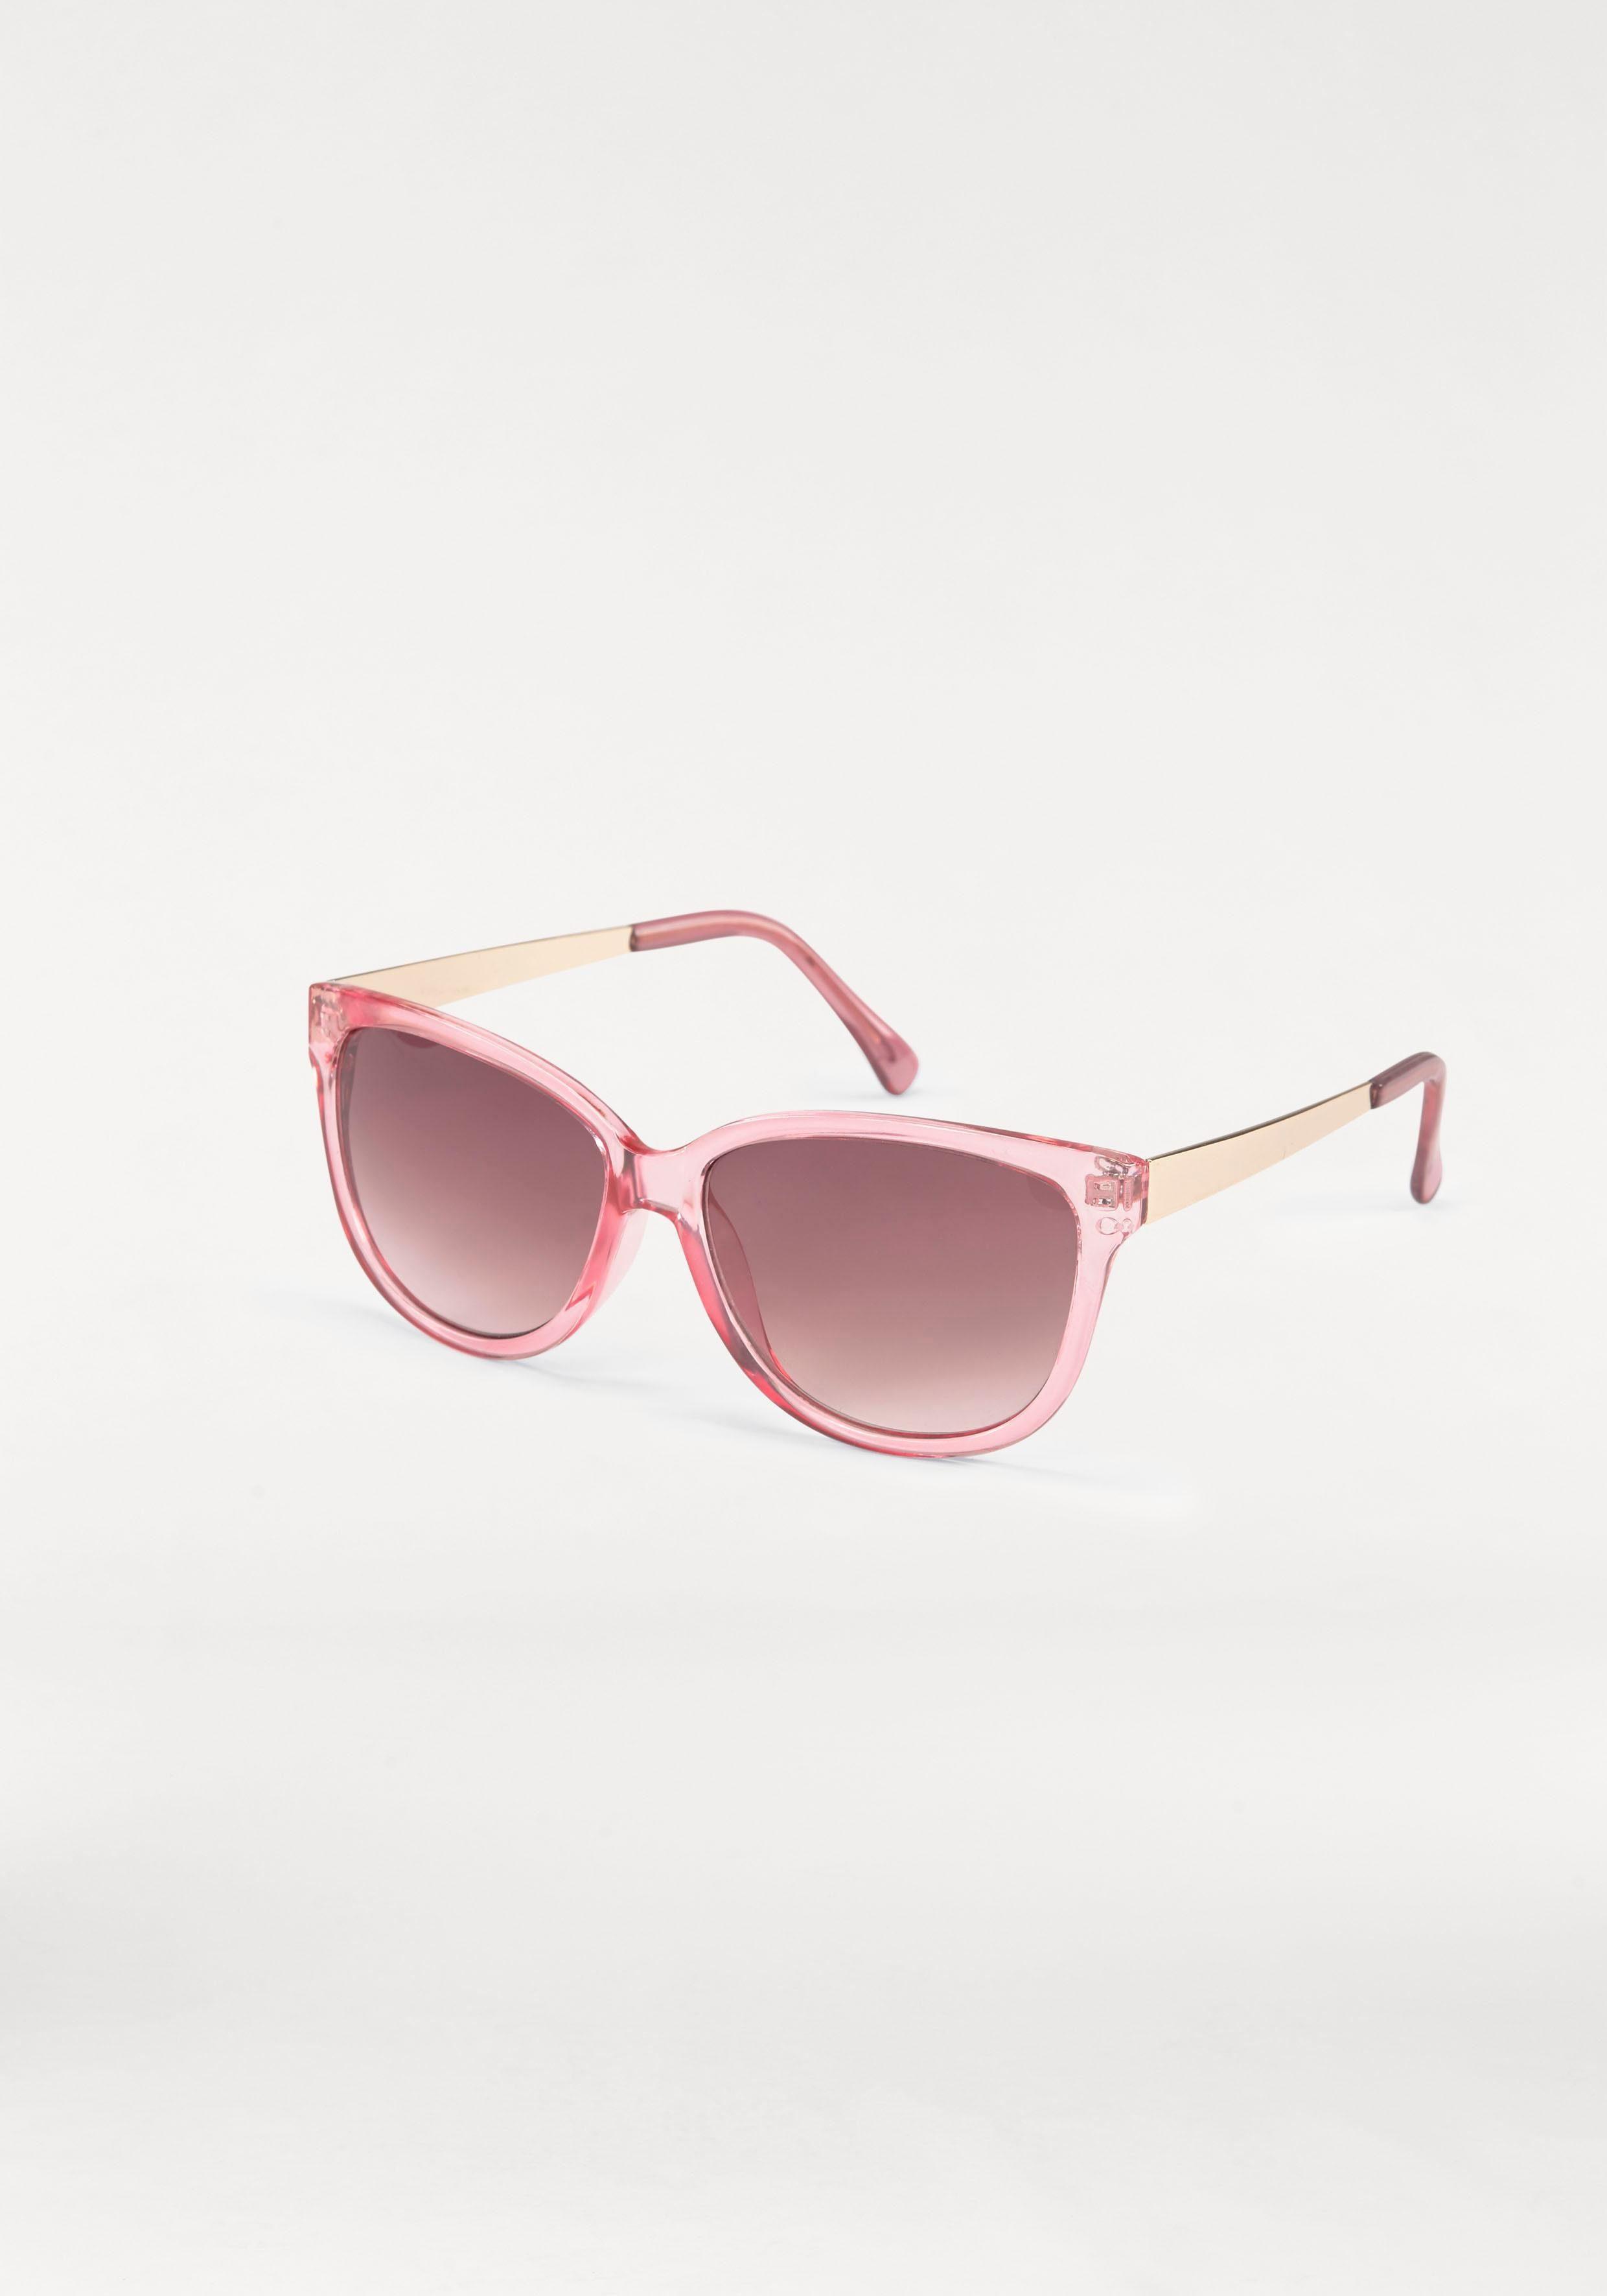 Sonnenbrille Eckige Brille, Retro Look